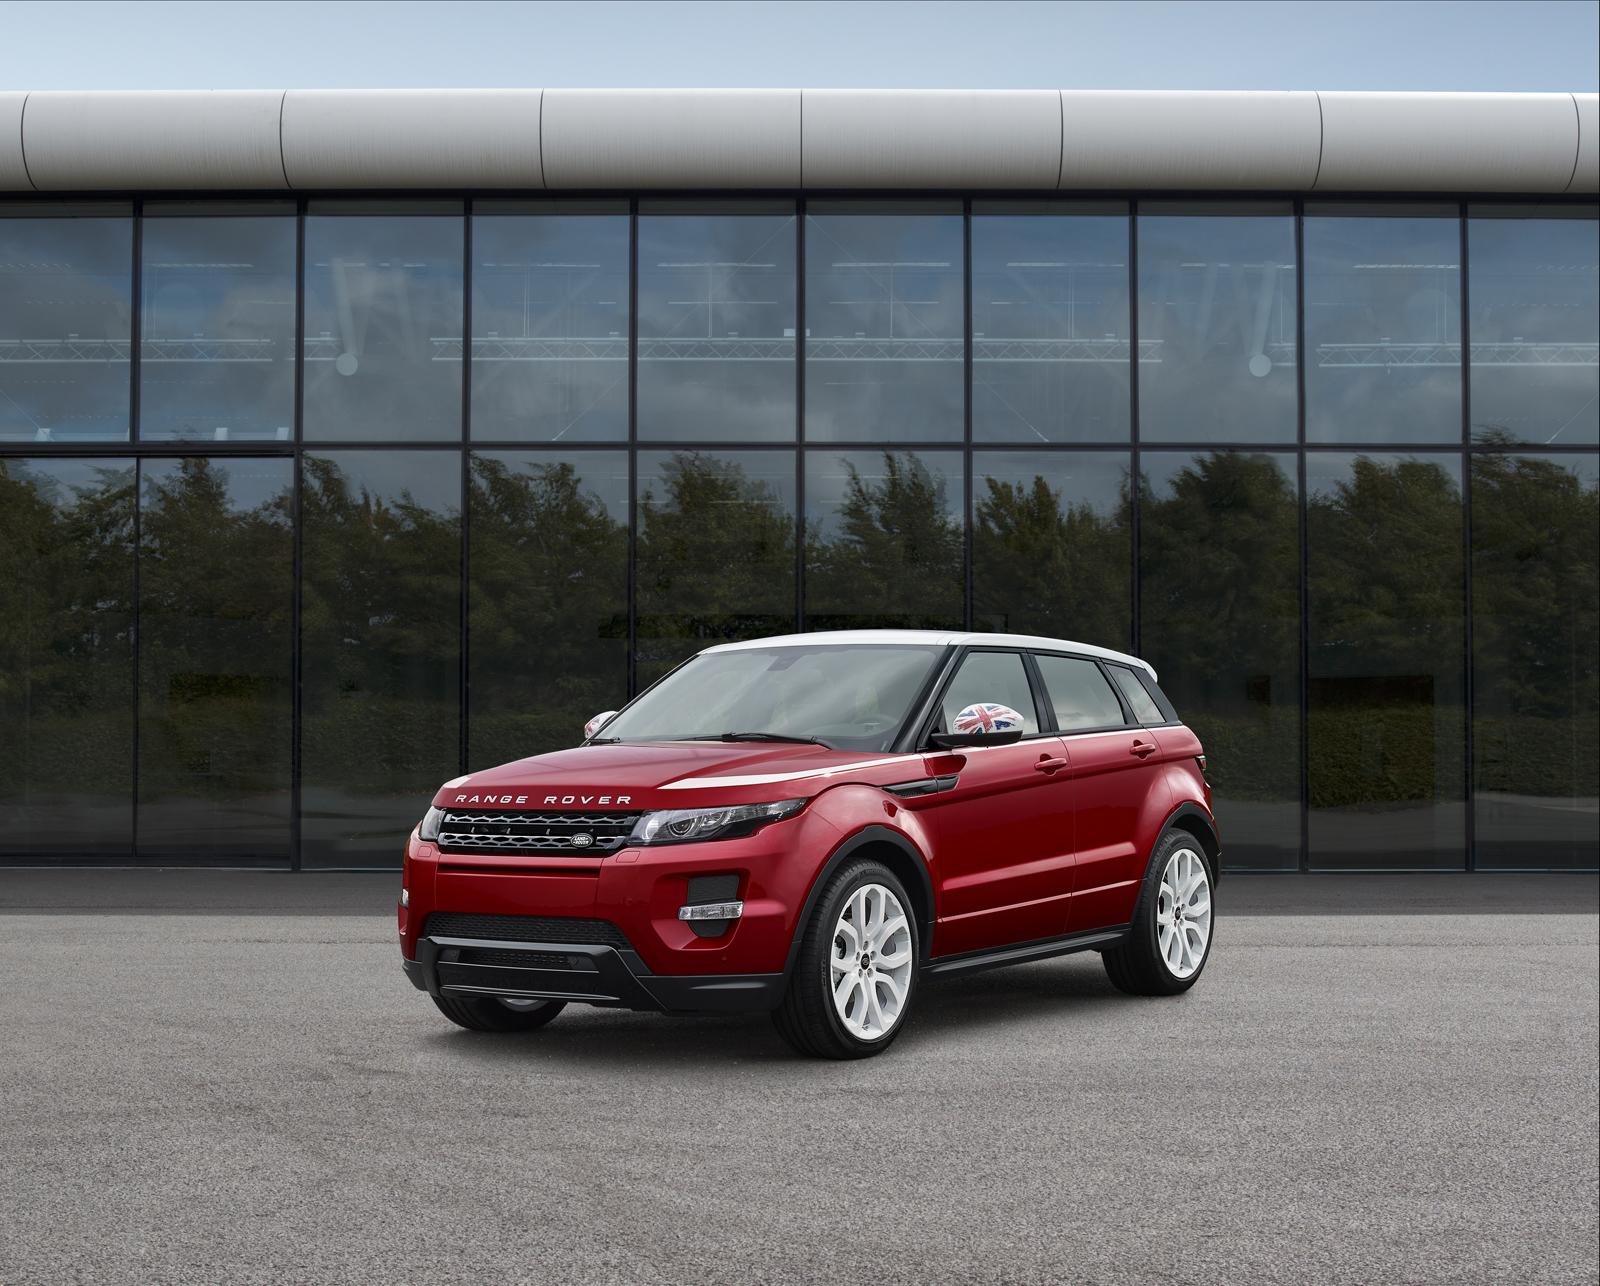 Land Rover ra mắt phiên bản đặc biệt SW1 của dòng SUV hạng sang Range Rover Evoque